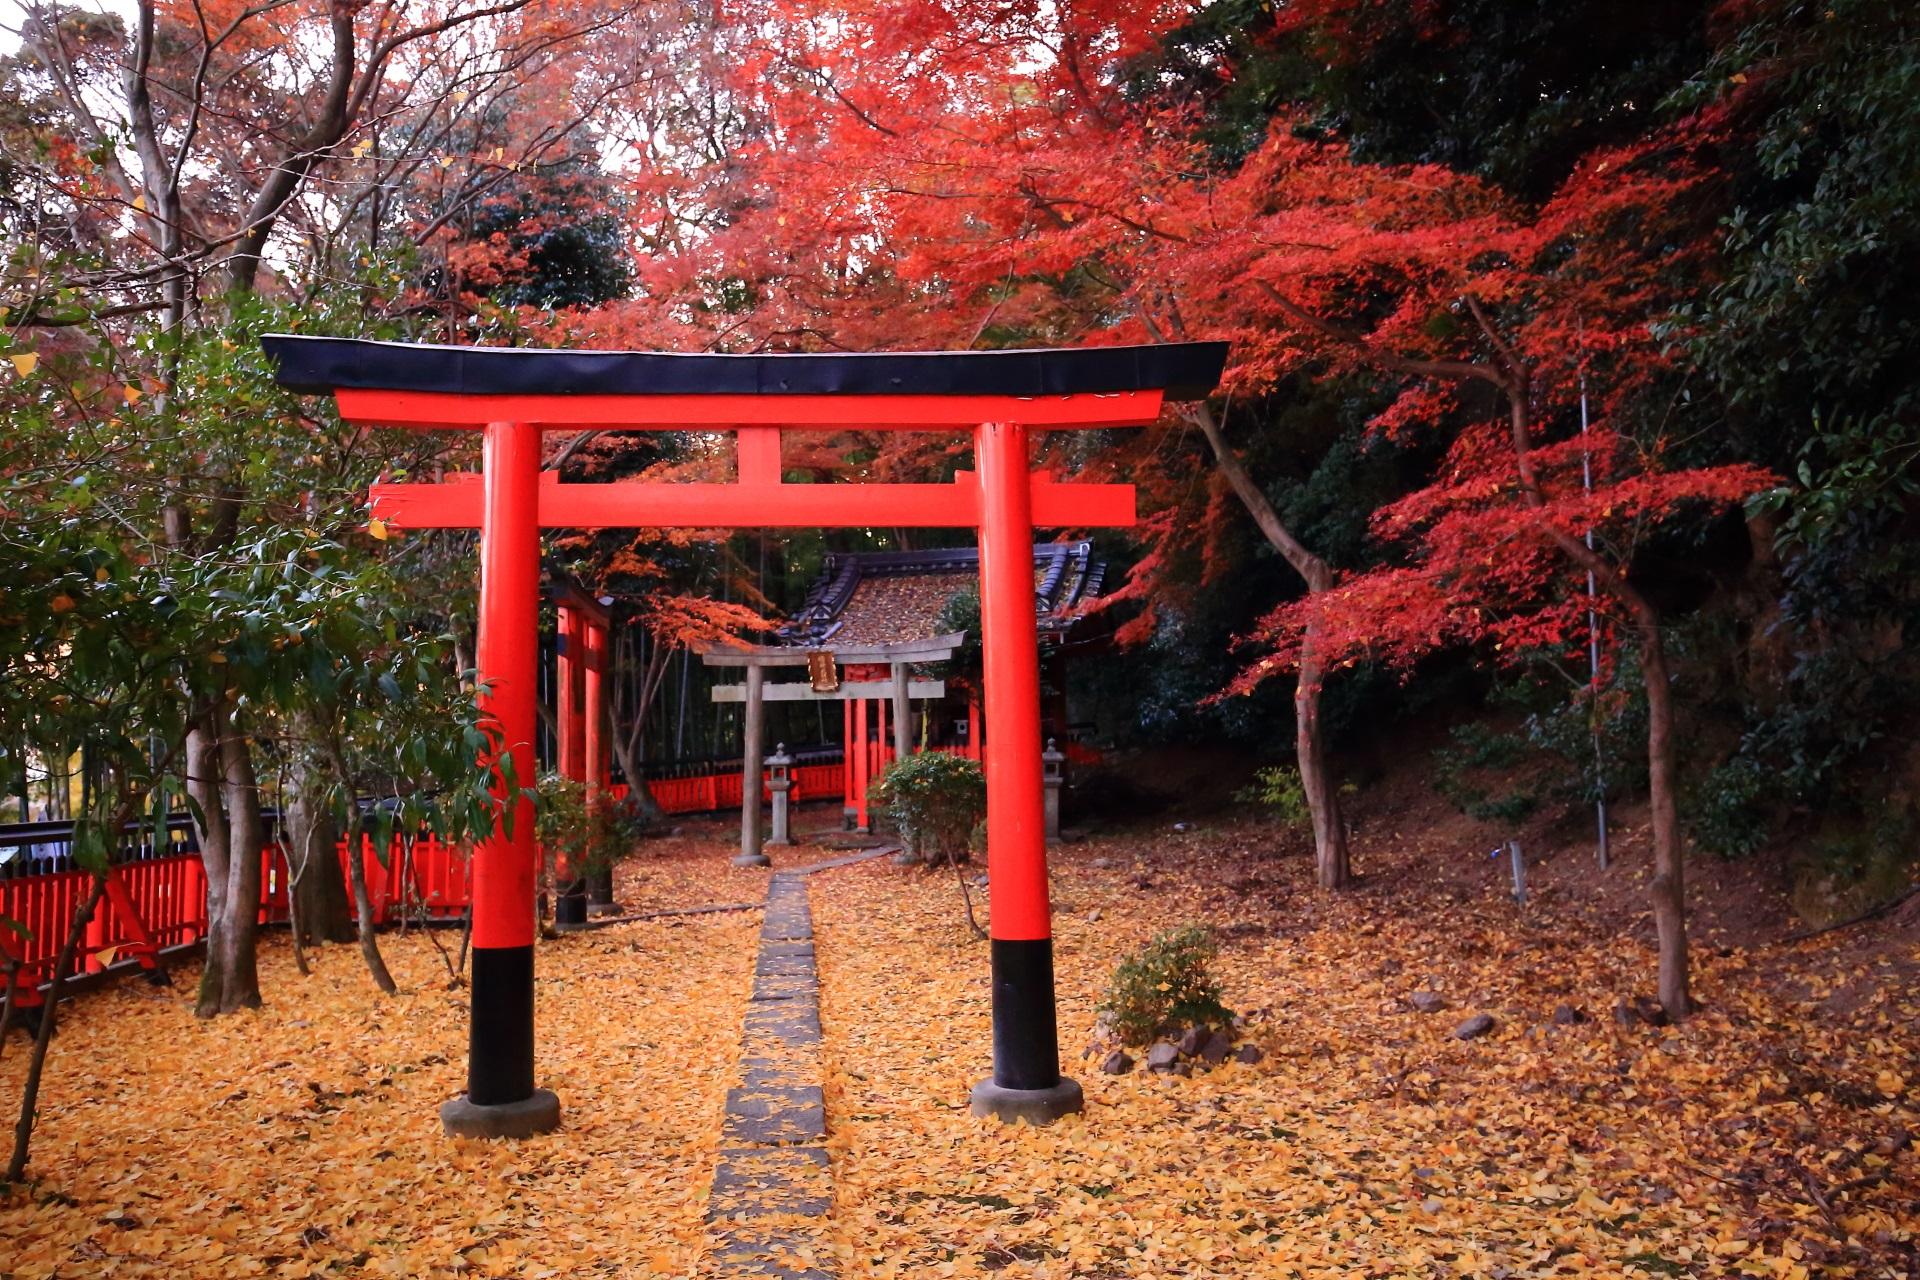 鳥居の並ぶ鎮守社を彩る紅葉と散り銀杏